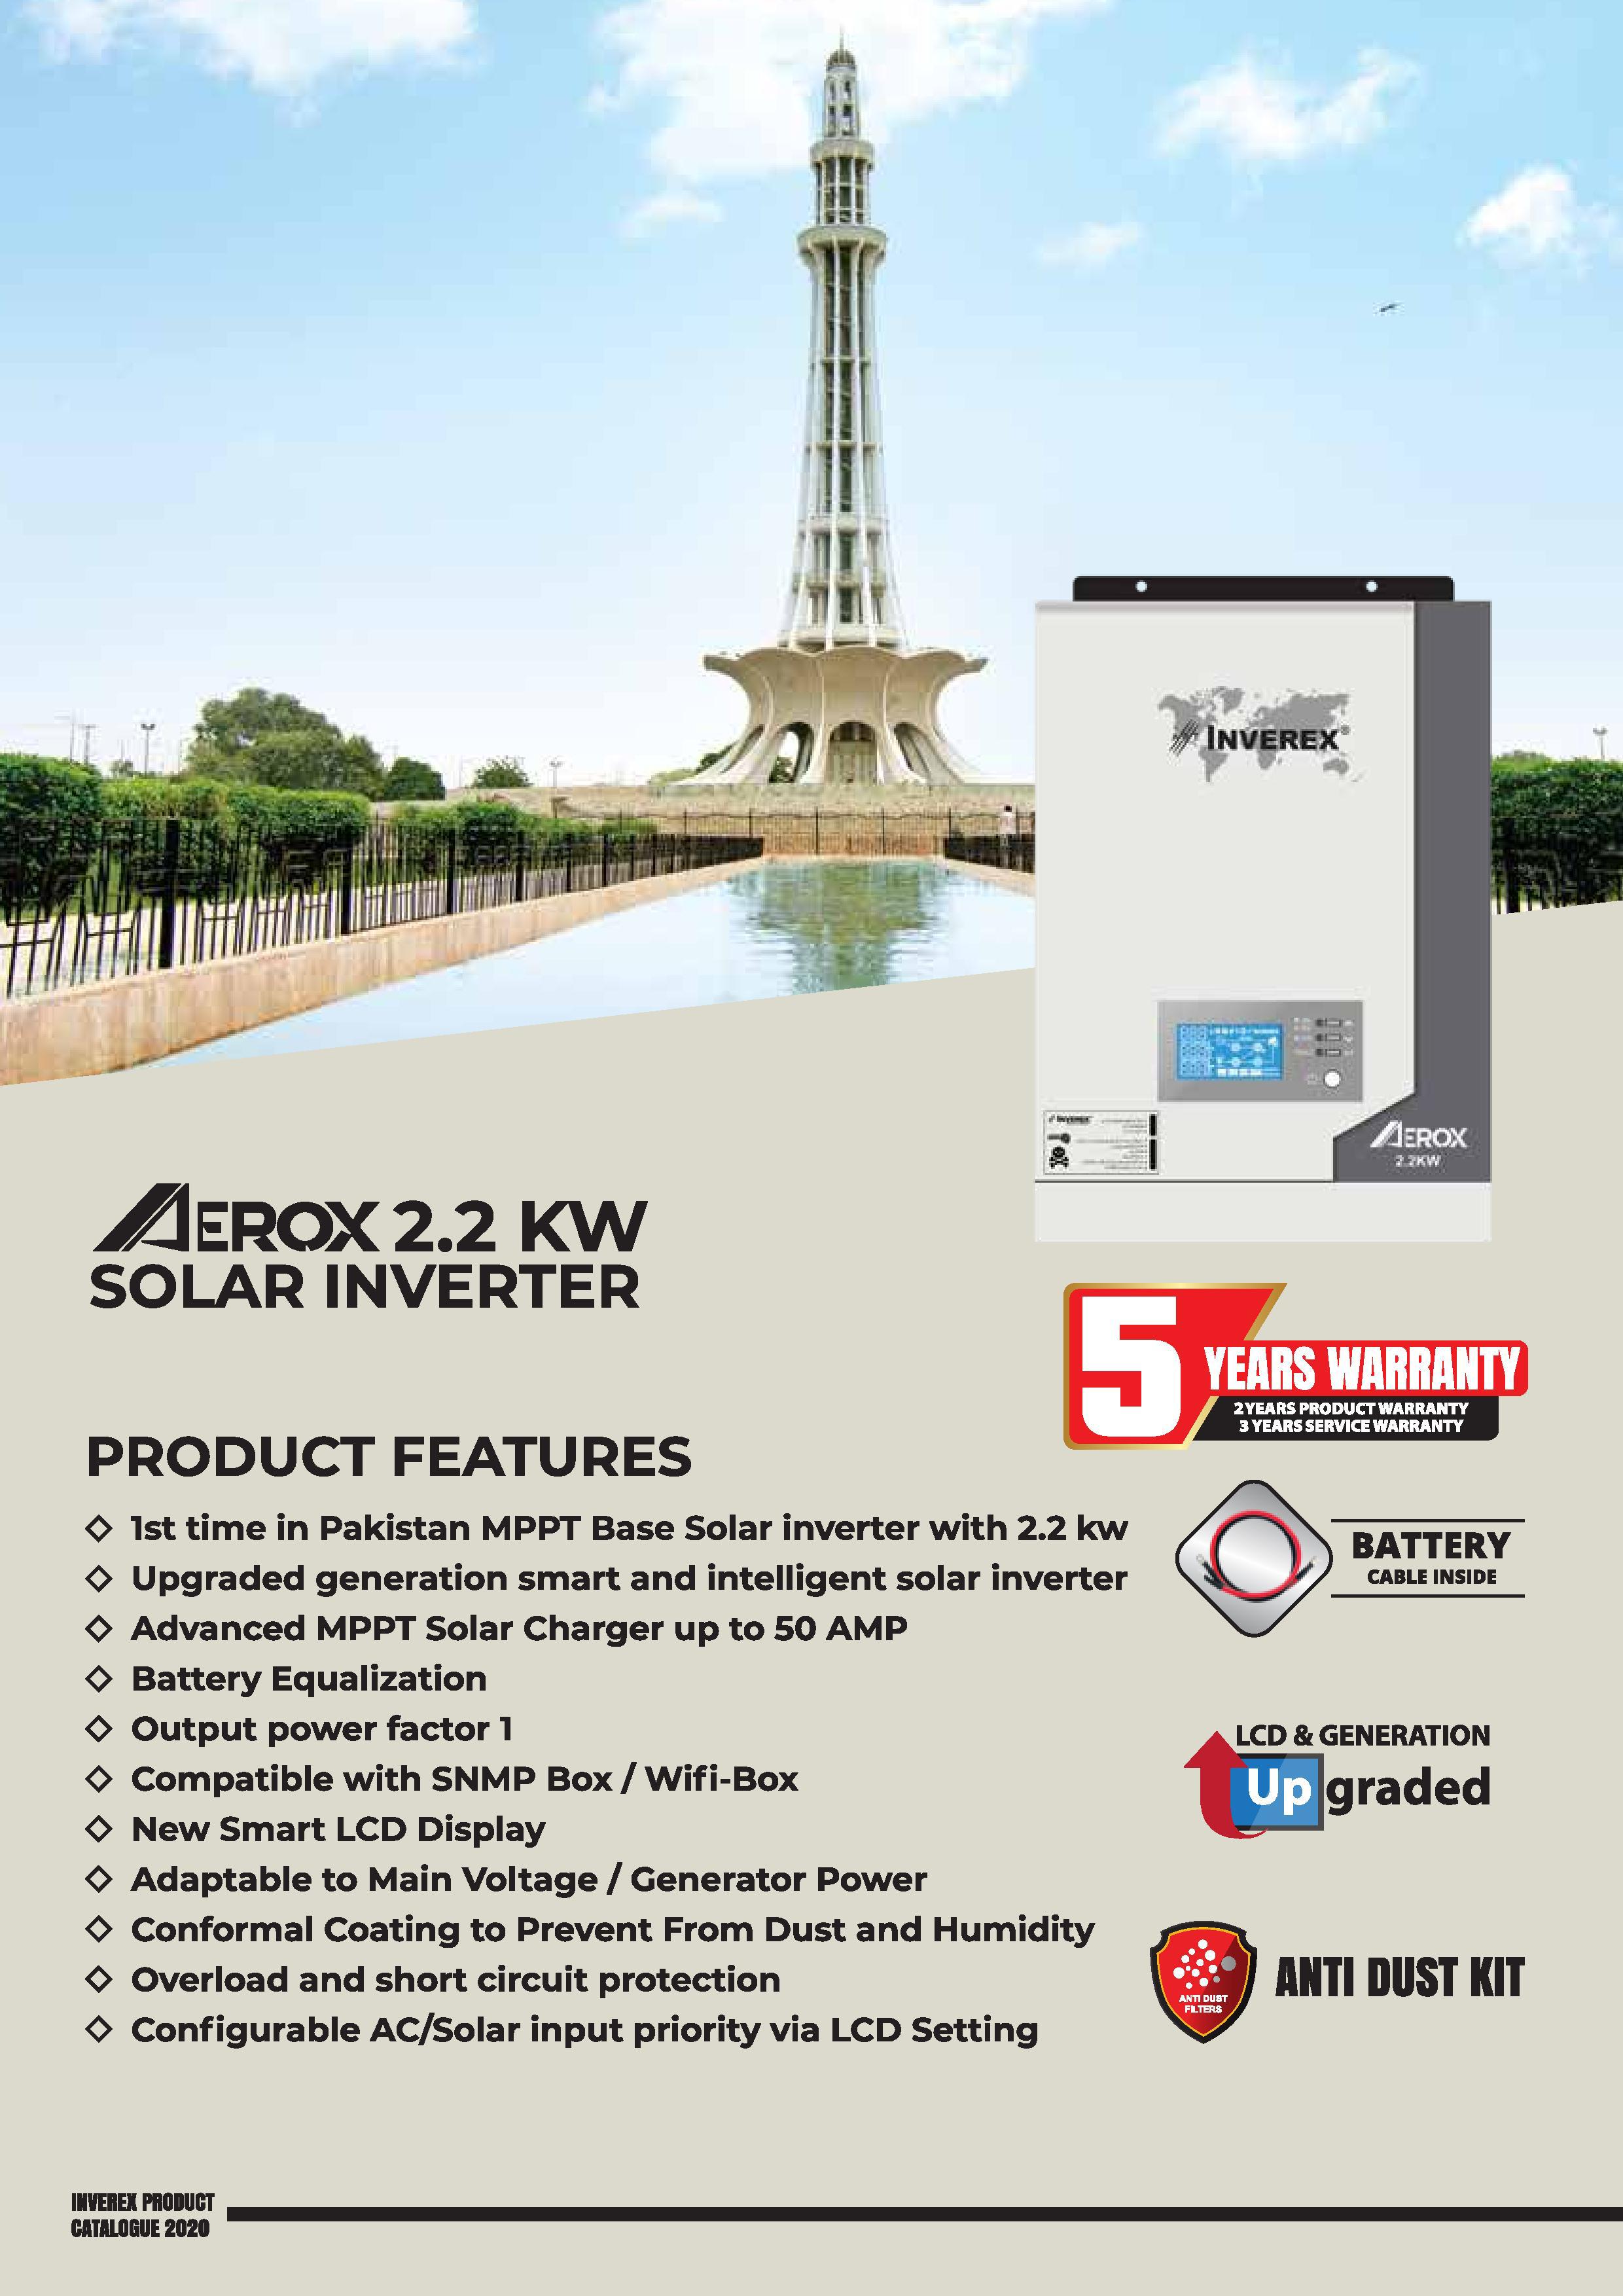 INVEREX-AEROX-2.2-KW-details